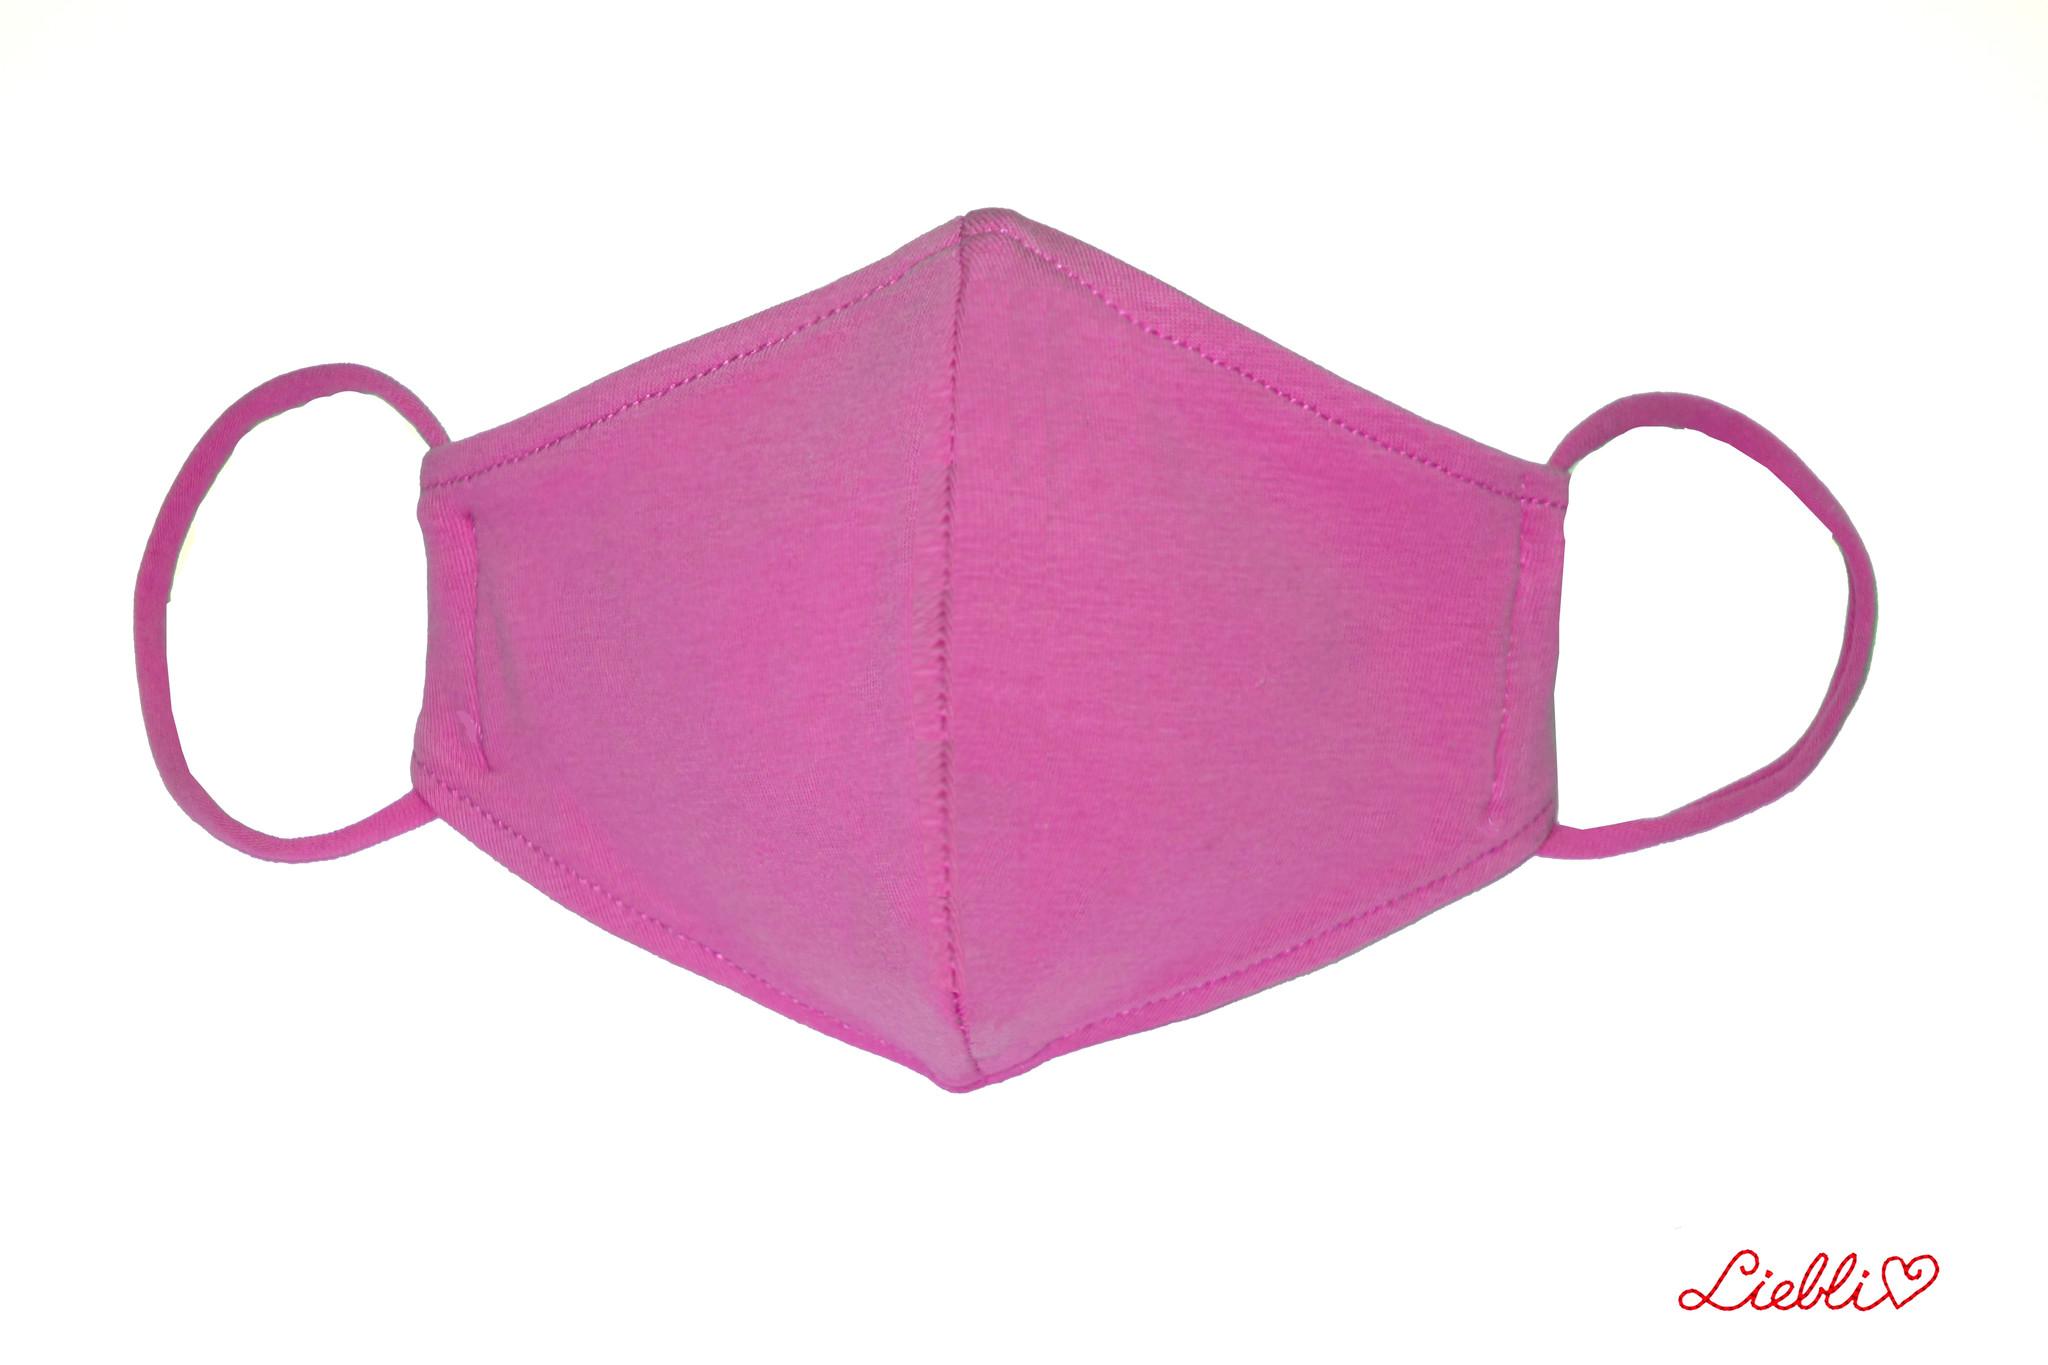 Waschbare, wiederverwendbare Stoffmaske, Mund-Nasen Maske, fuchsia